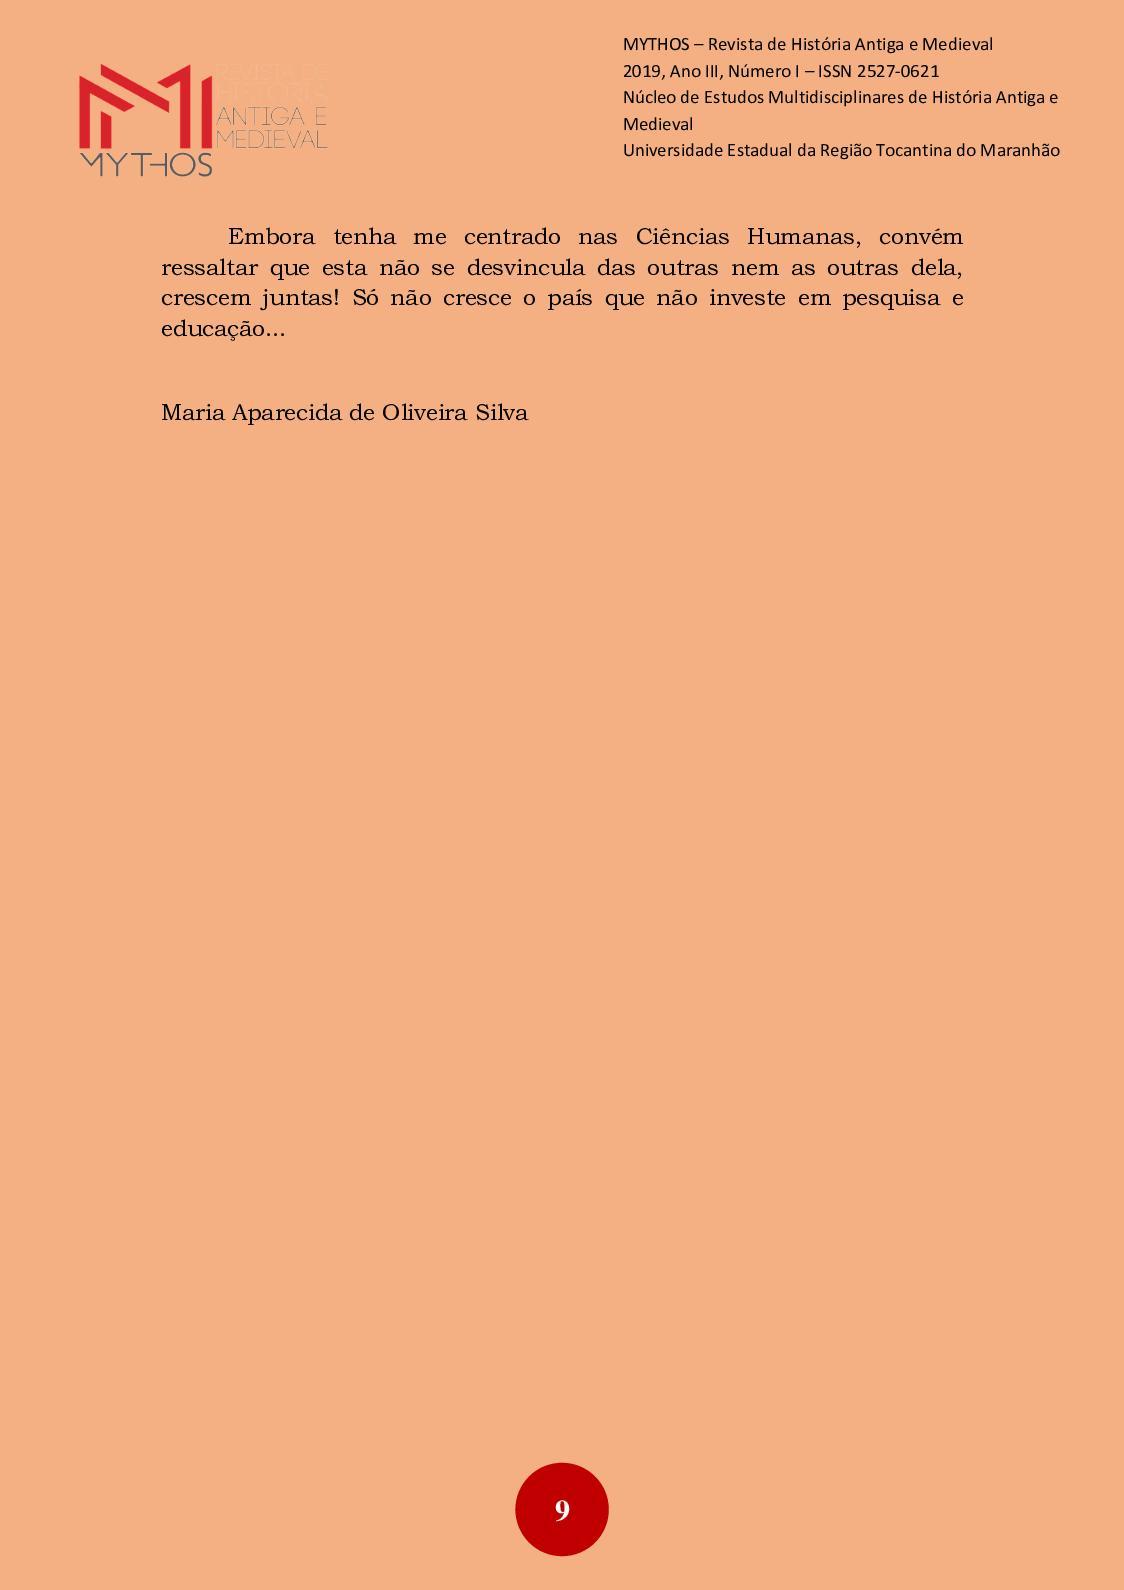 Revista Mythos Volume V Calameo Downloader